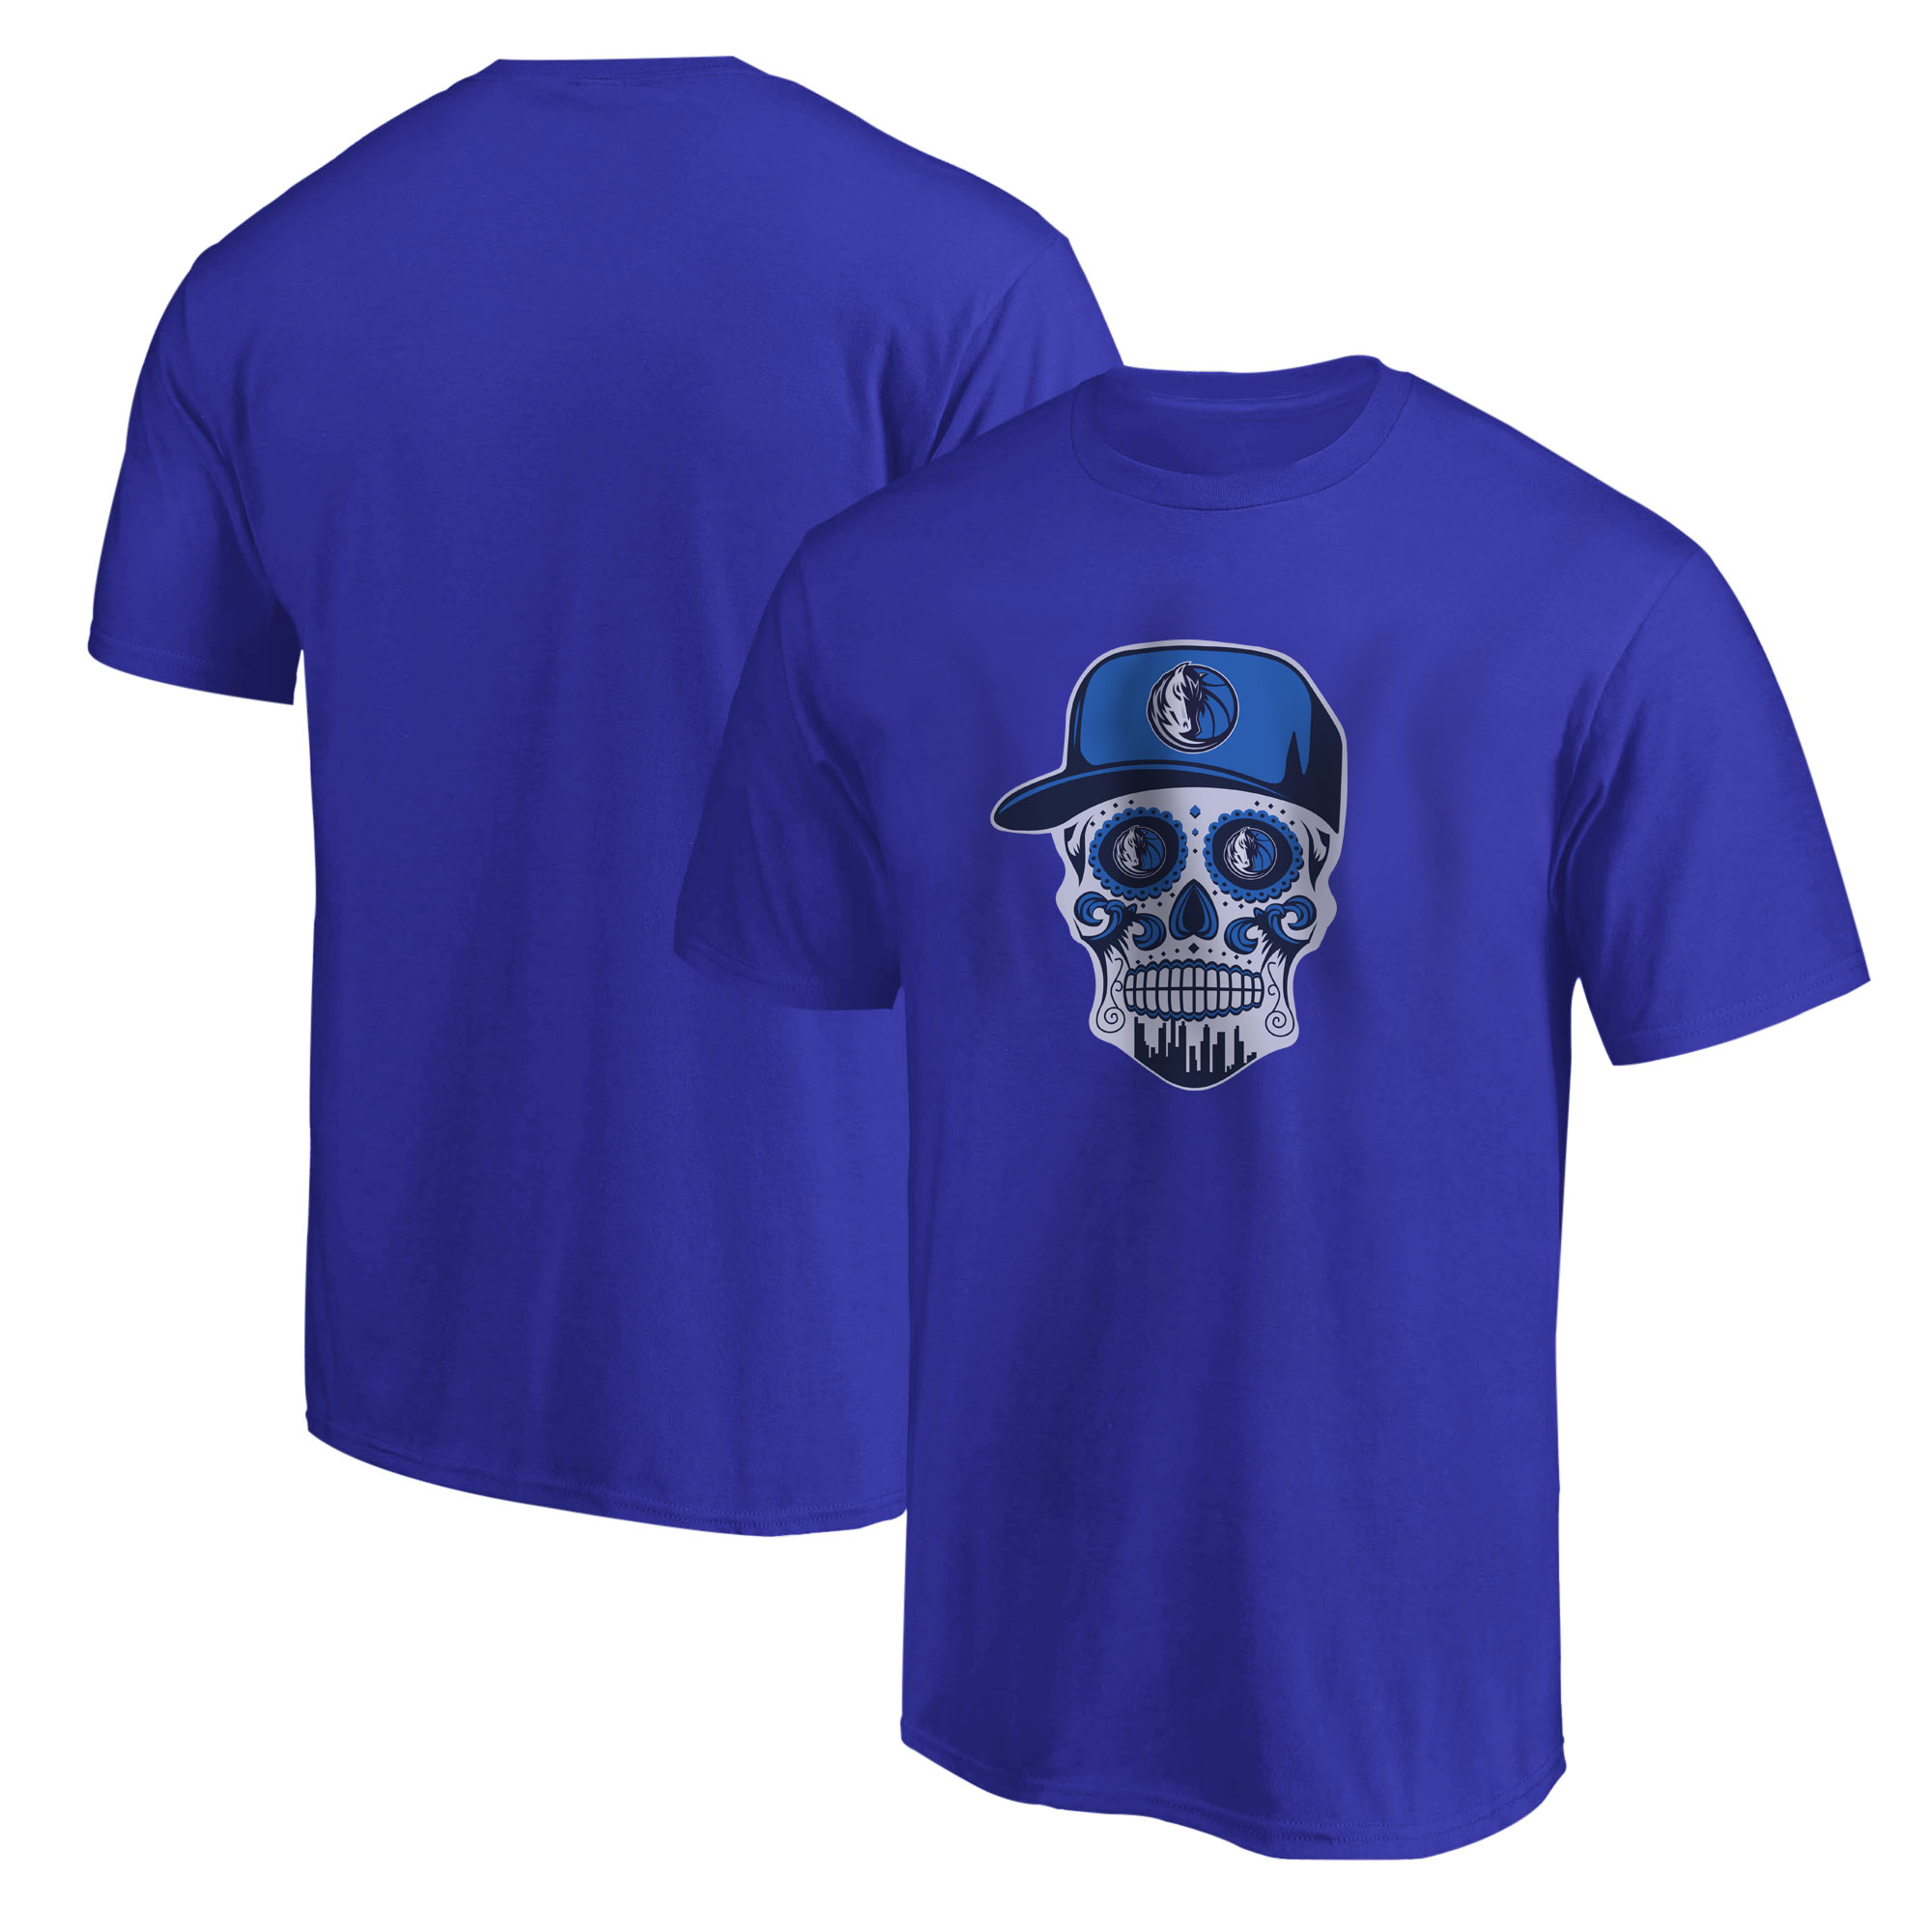 Dallas Skull Tshirt (TSH-BLU-NP-451-NBA-DLS-SKULL)